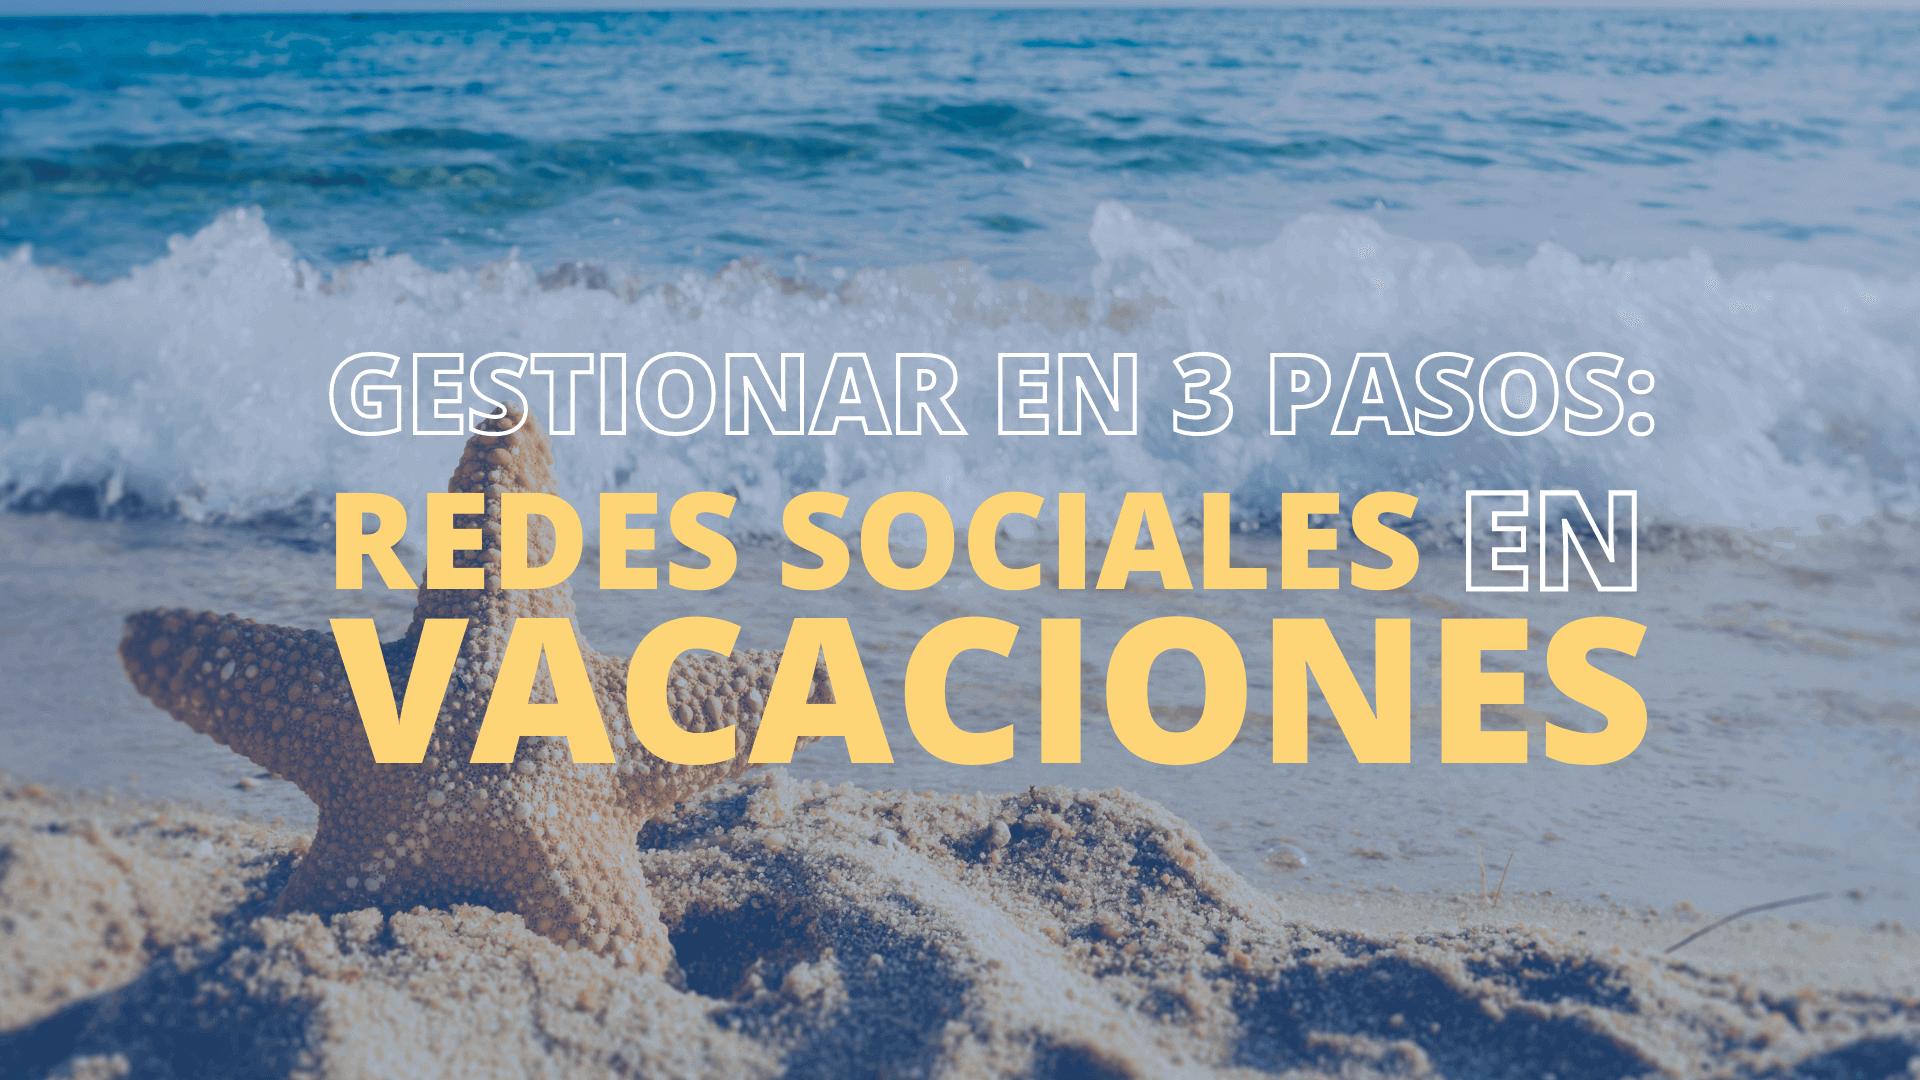 GESTIONAR EN 3 PASOS: REDES SOCIALES EN VACACIONES